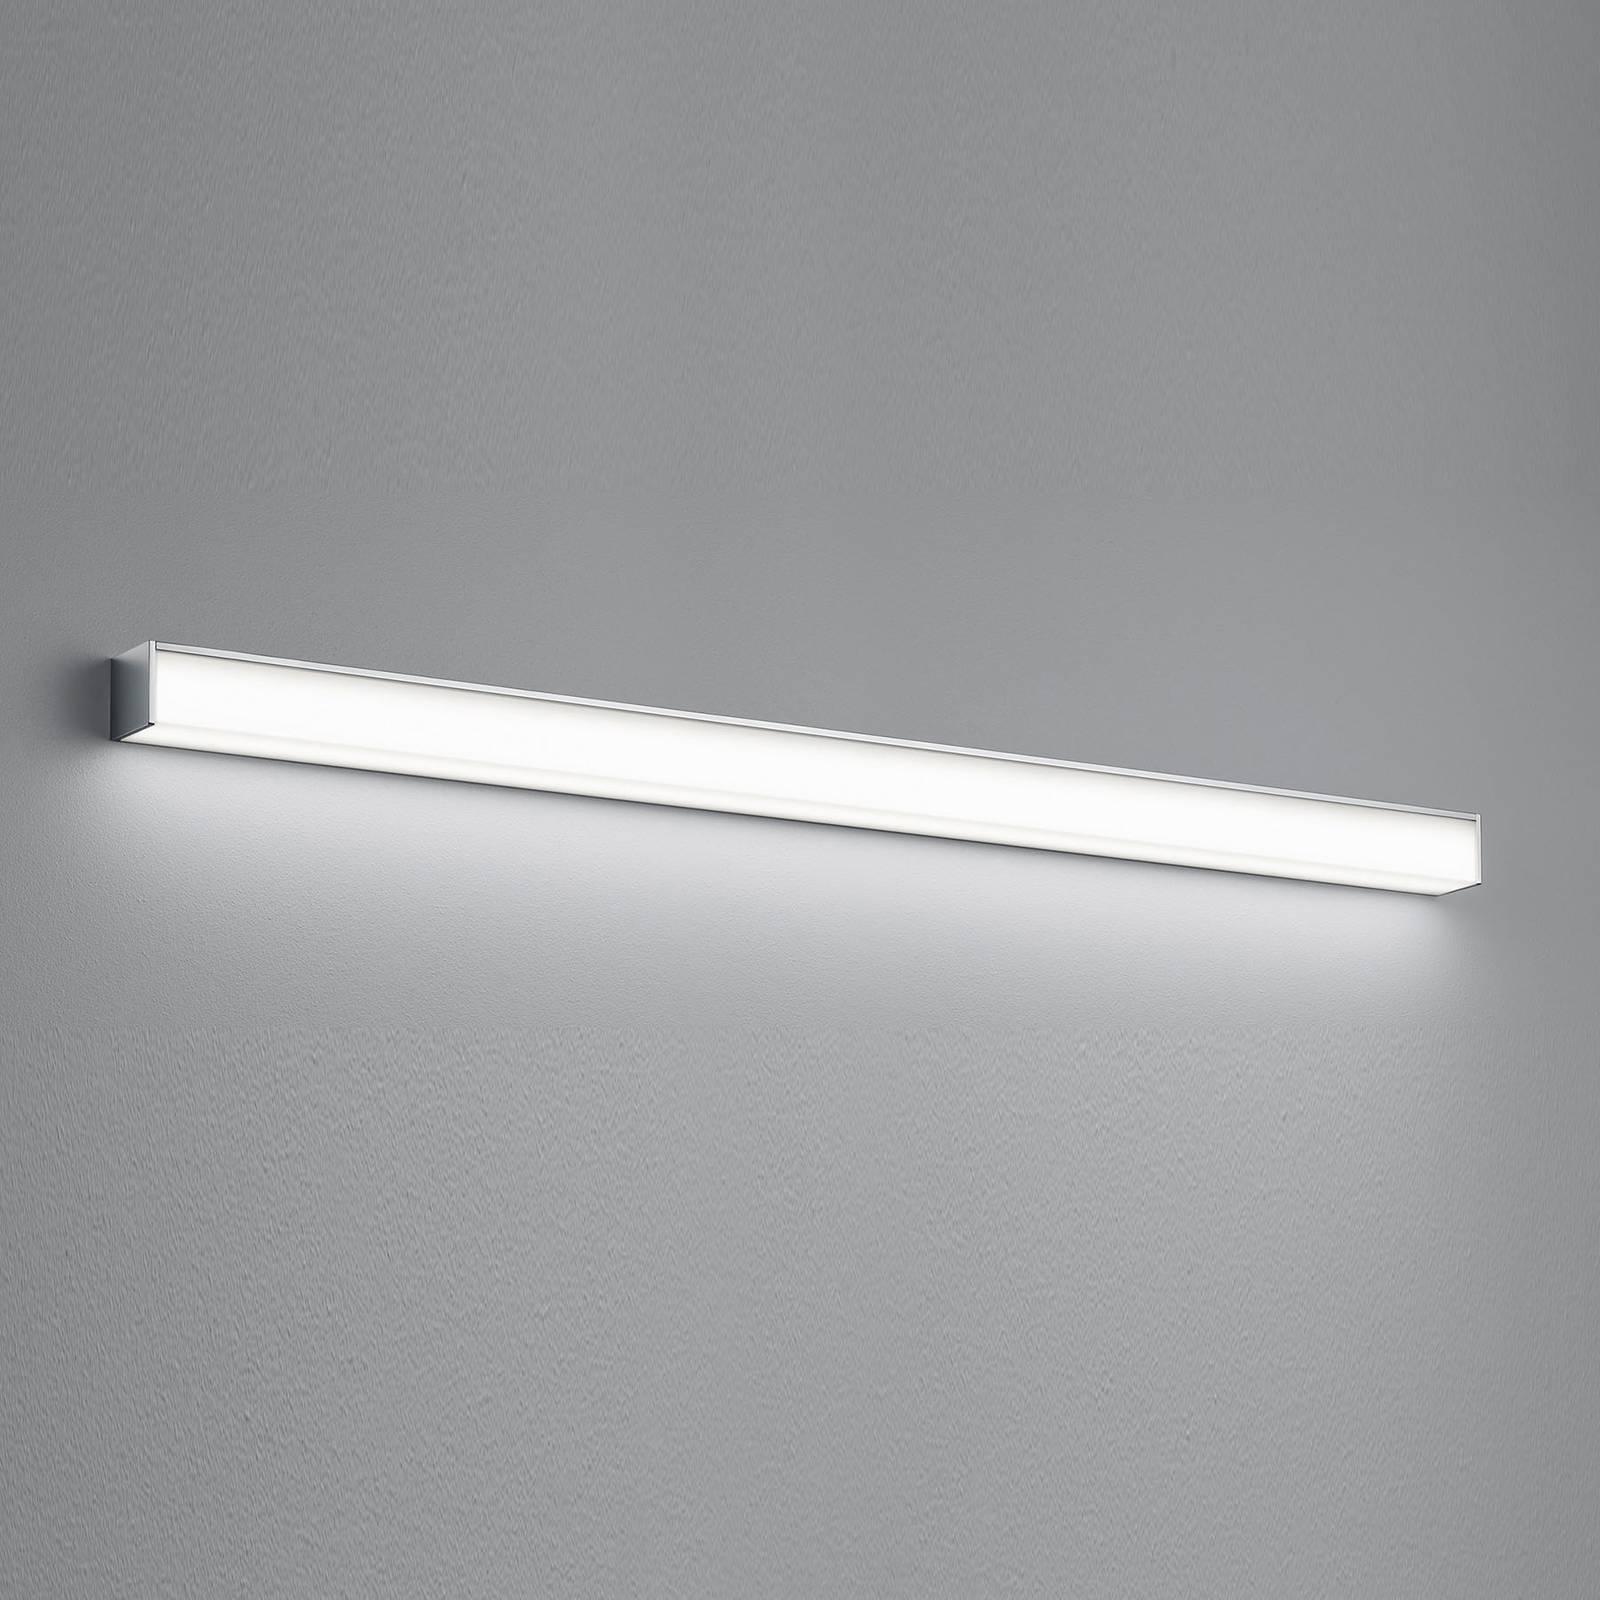 Helestra Nok -LED-peililamppu 120 cm